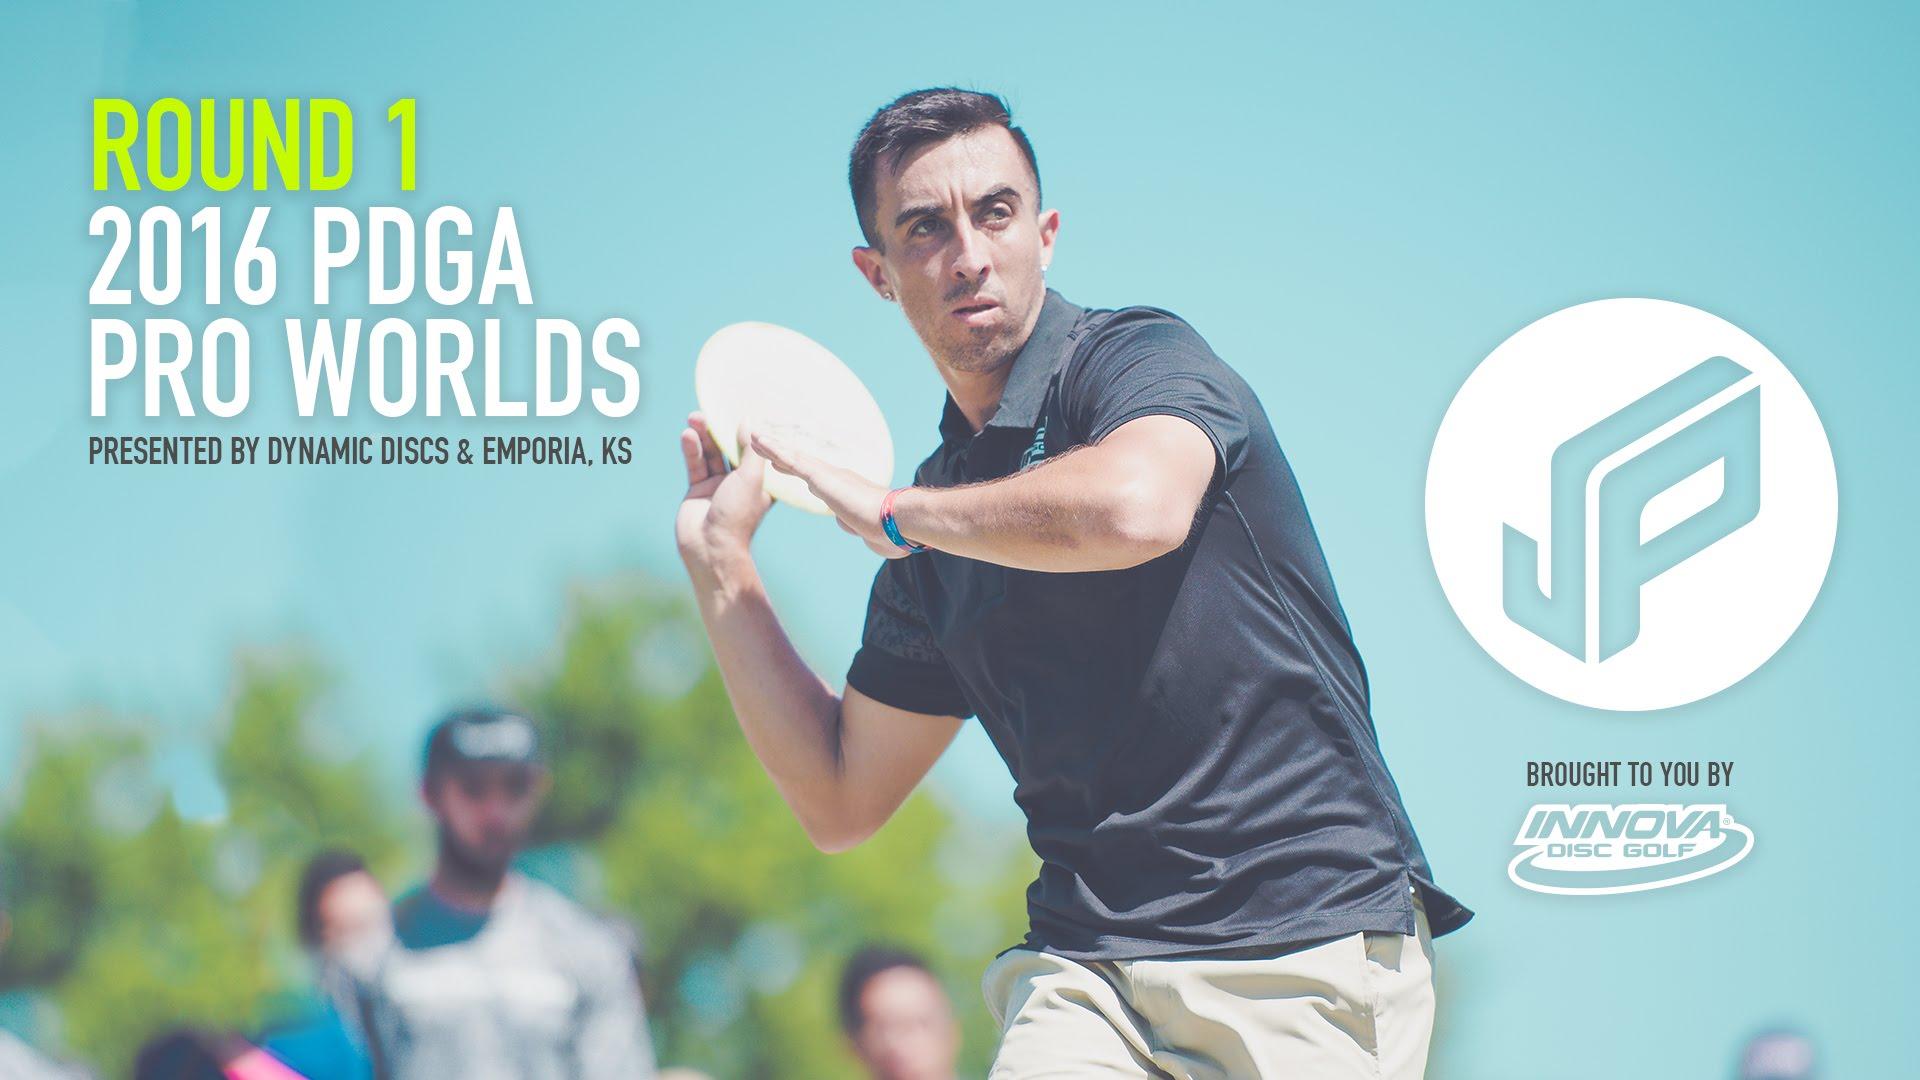 2016 PDGA Pro Worlds Round 1